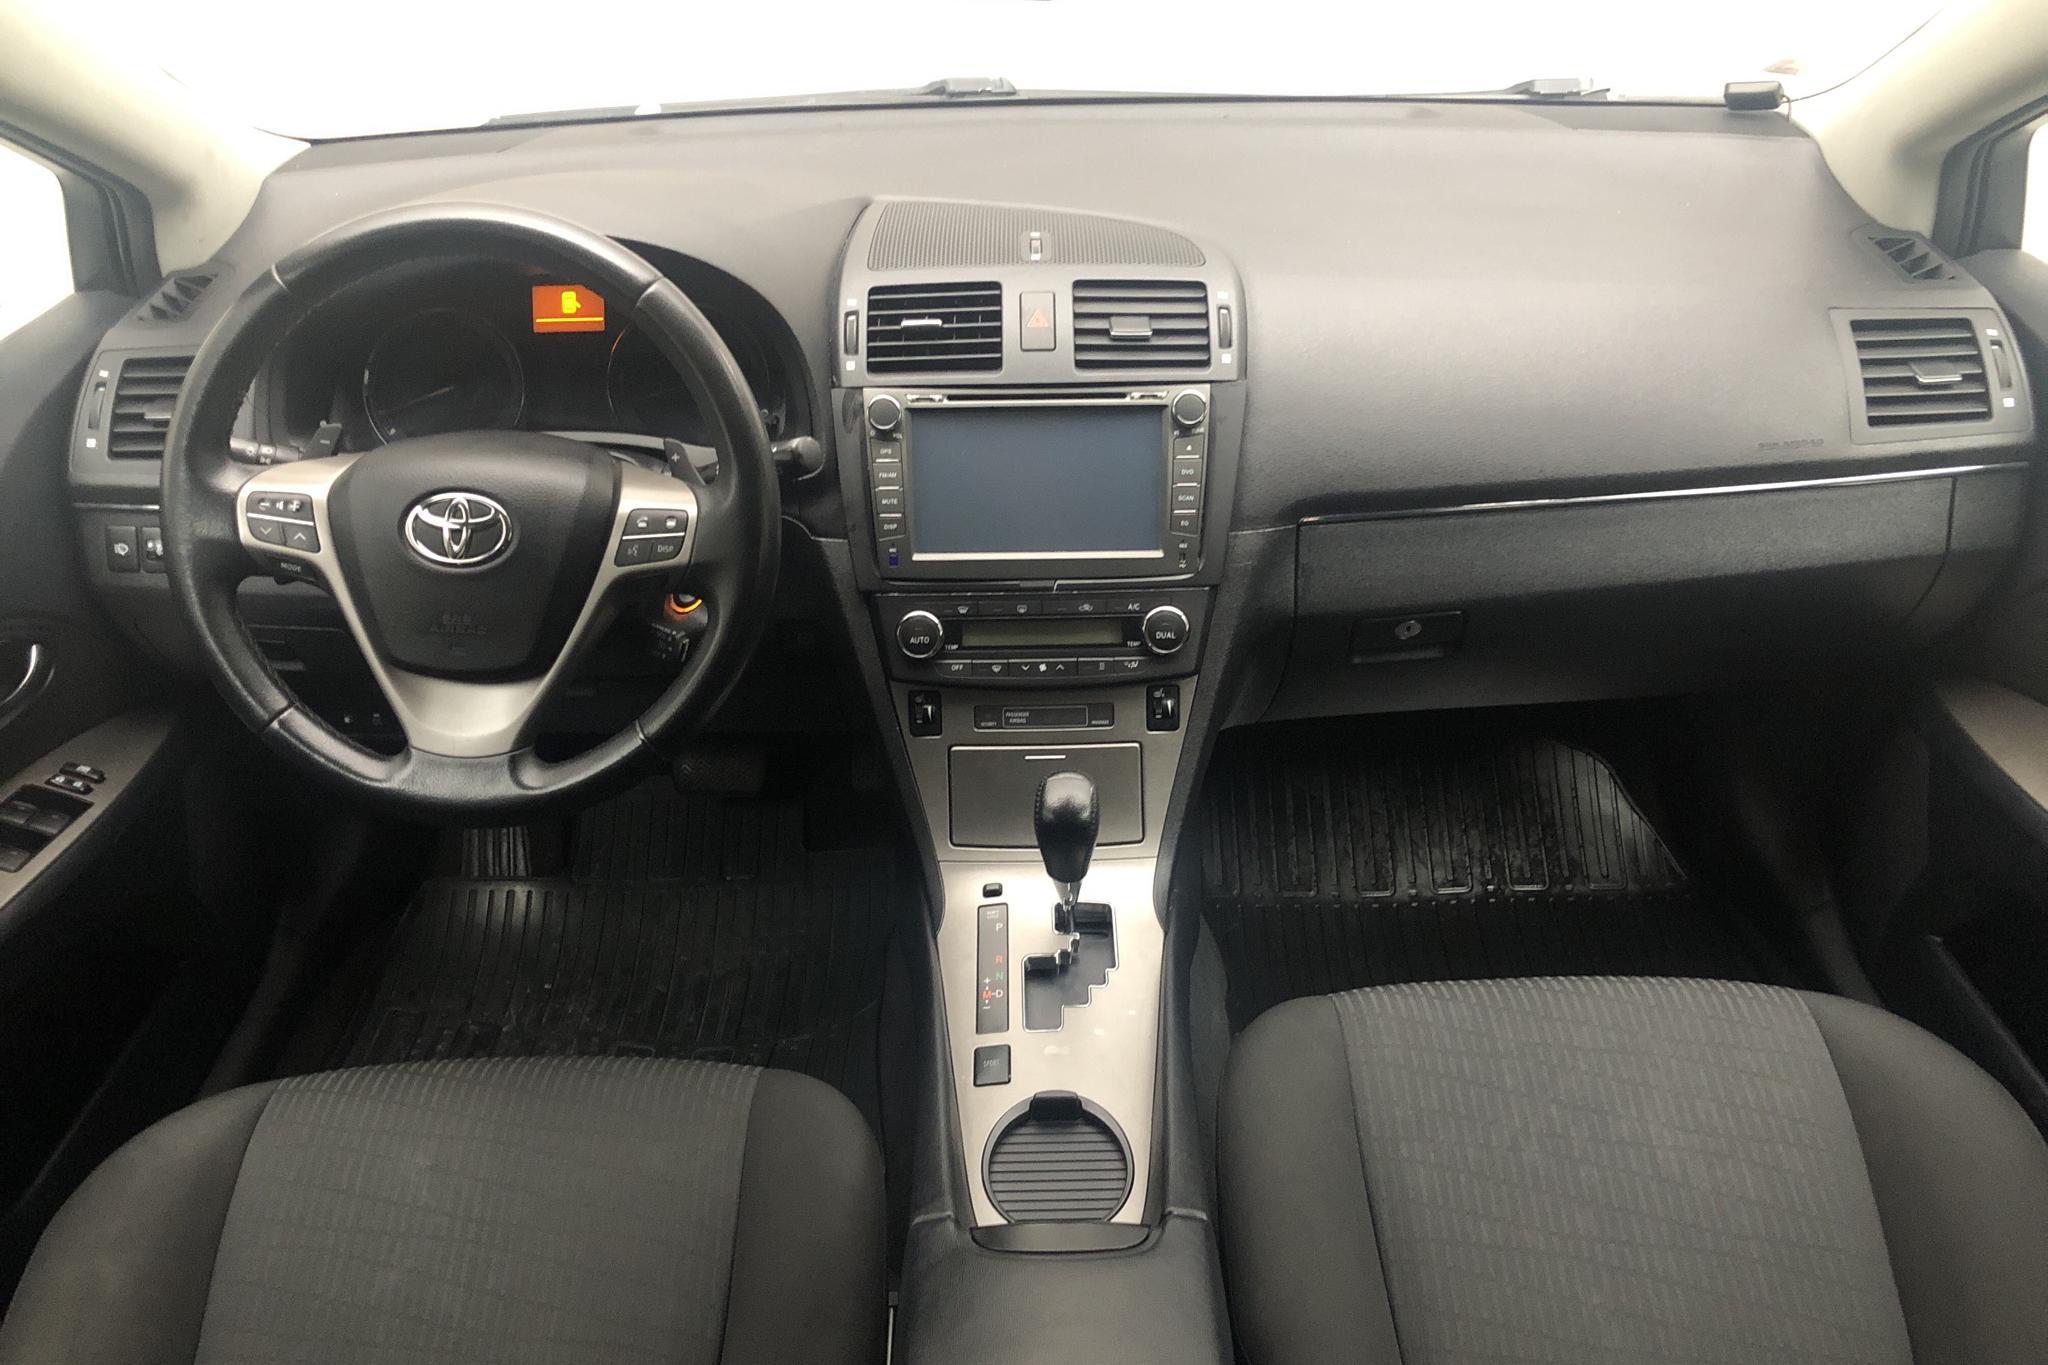 Toyota Avensis 2.2 D-4D Kombi (150hk) - 182 230 km - Automatic - silver - 2009